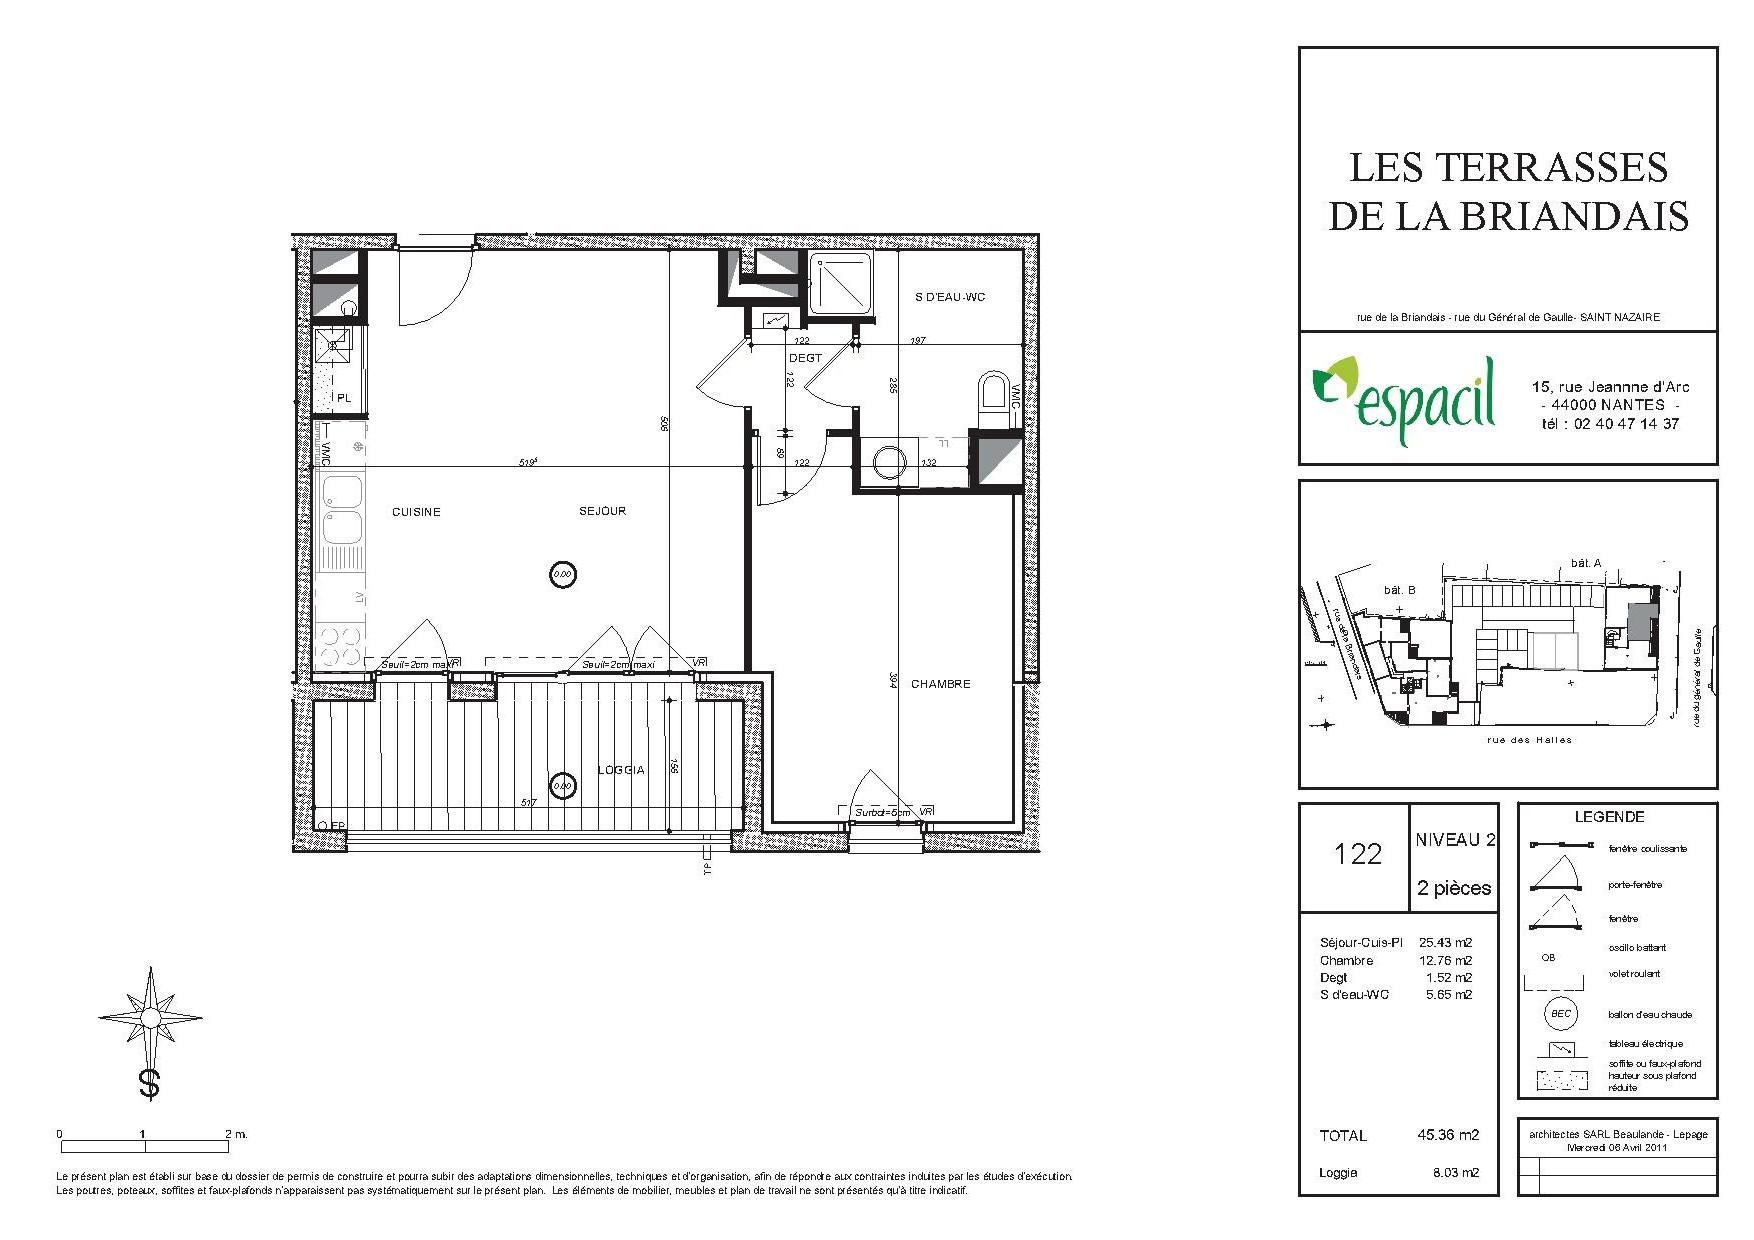 appartement t2 les terrasses de la briandais saint nazaire. Black Bedroom Furniture Sets. Home Design Ideas